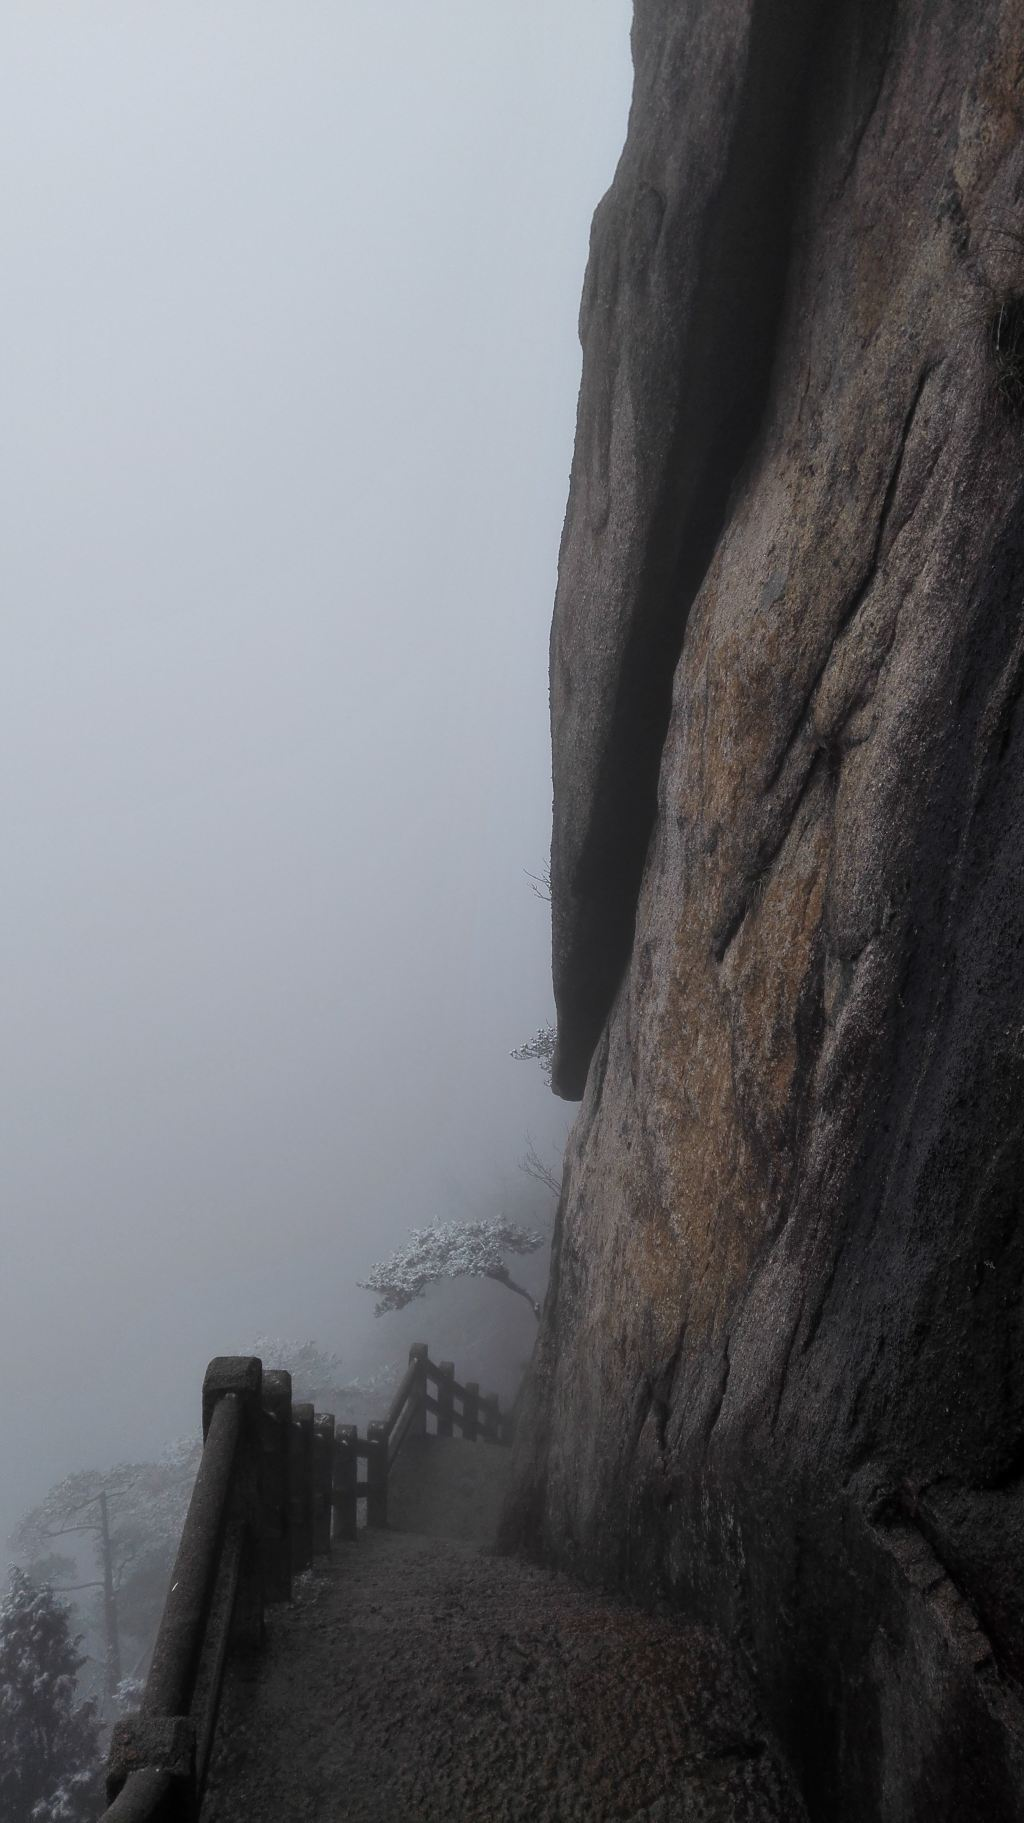 石头台阶贴图素材